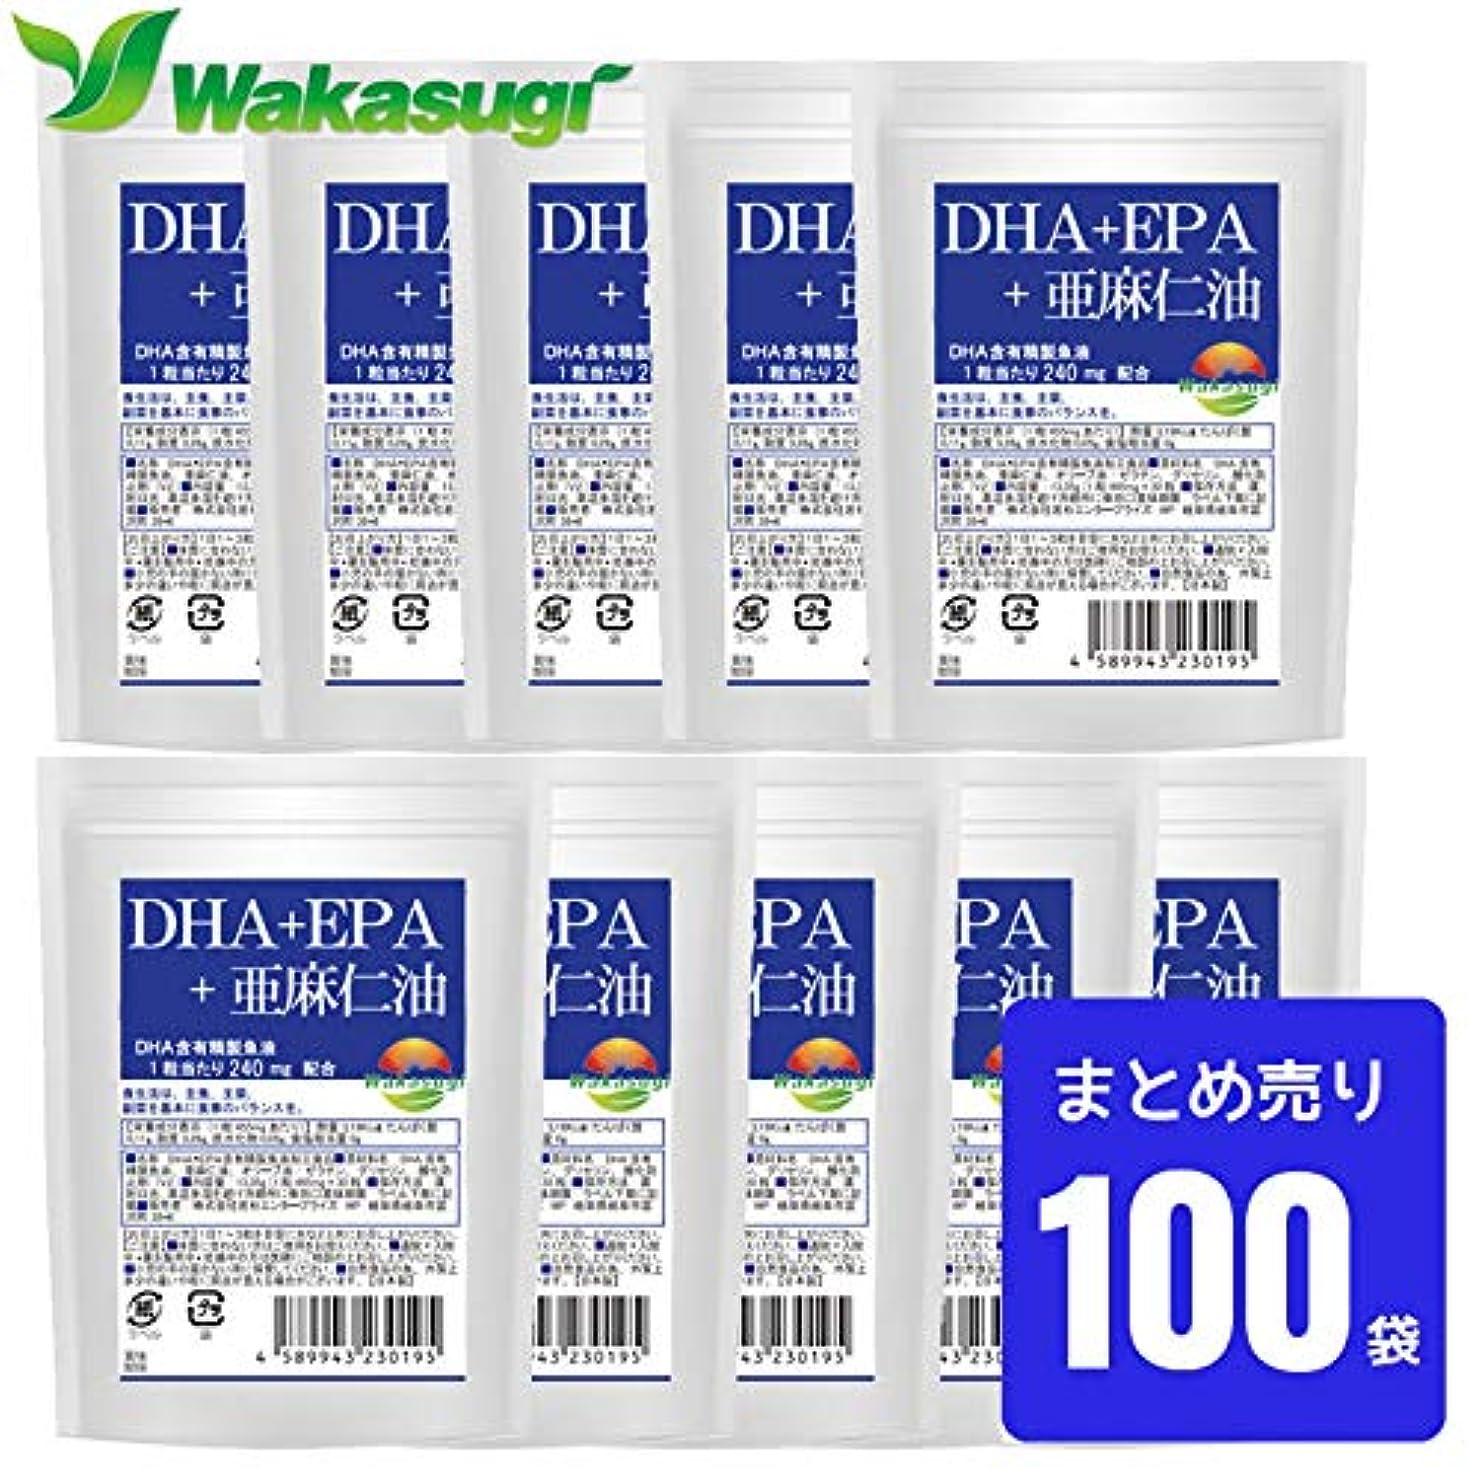 気取らない化学者環境保護主義者DHA+EPA+亜麻仁油 ソフトカプセル30粒 100袋 合計3,000粒 まとめ売り